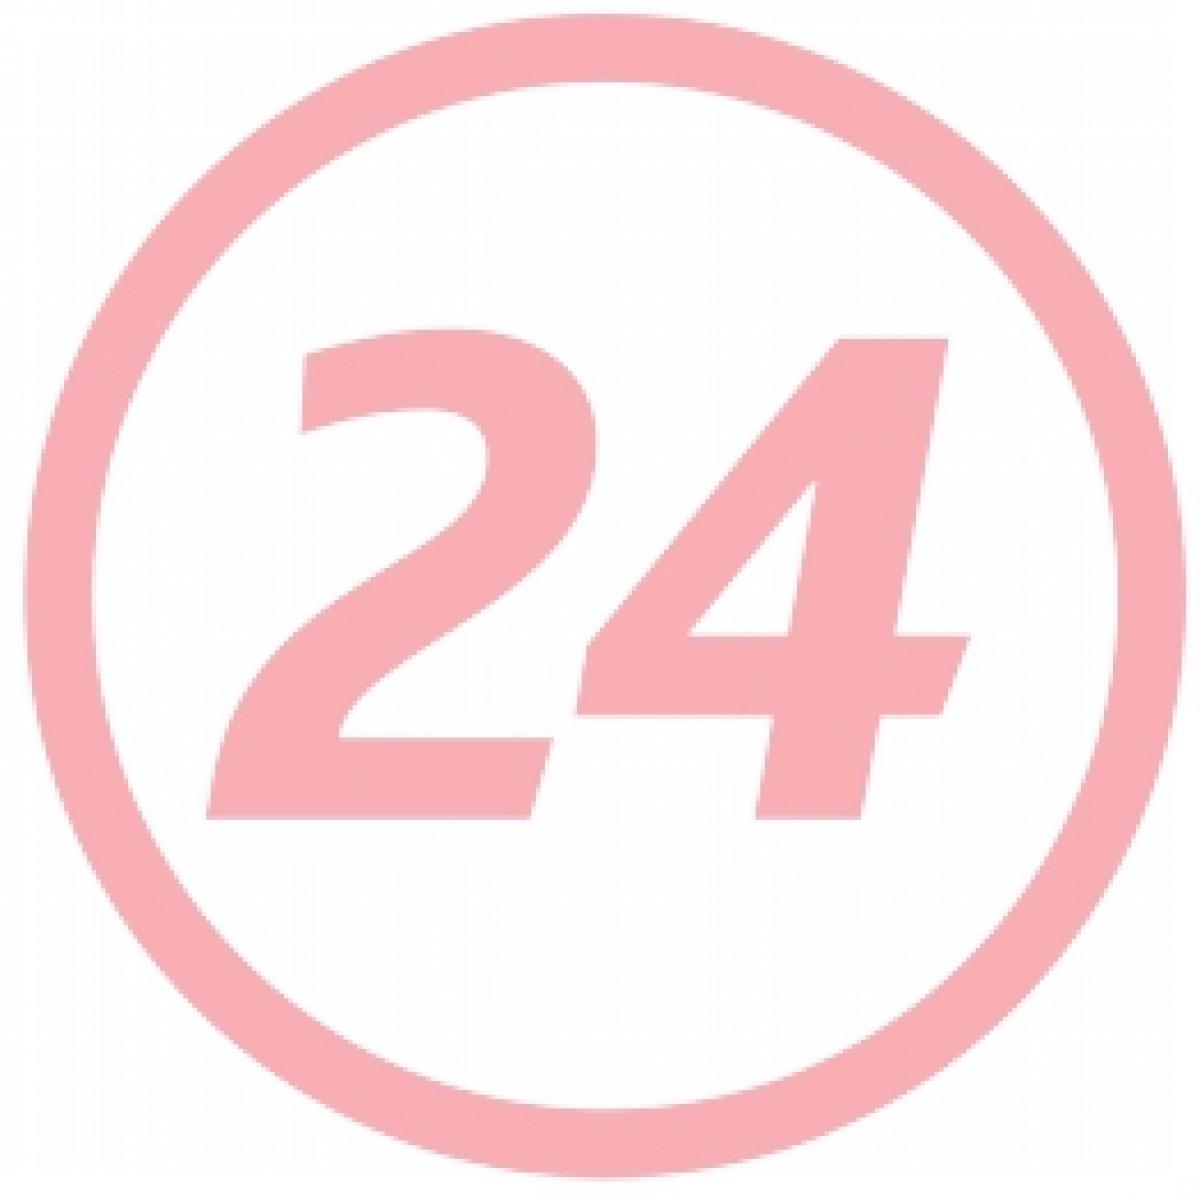 Hartmann Molicare Mobile Chilot Adulti pentru Incontinenta Severa Marimea S, Scutece Adulti, 14buc